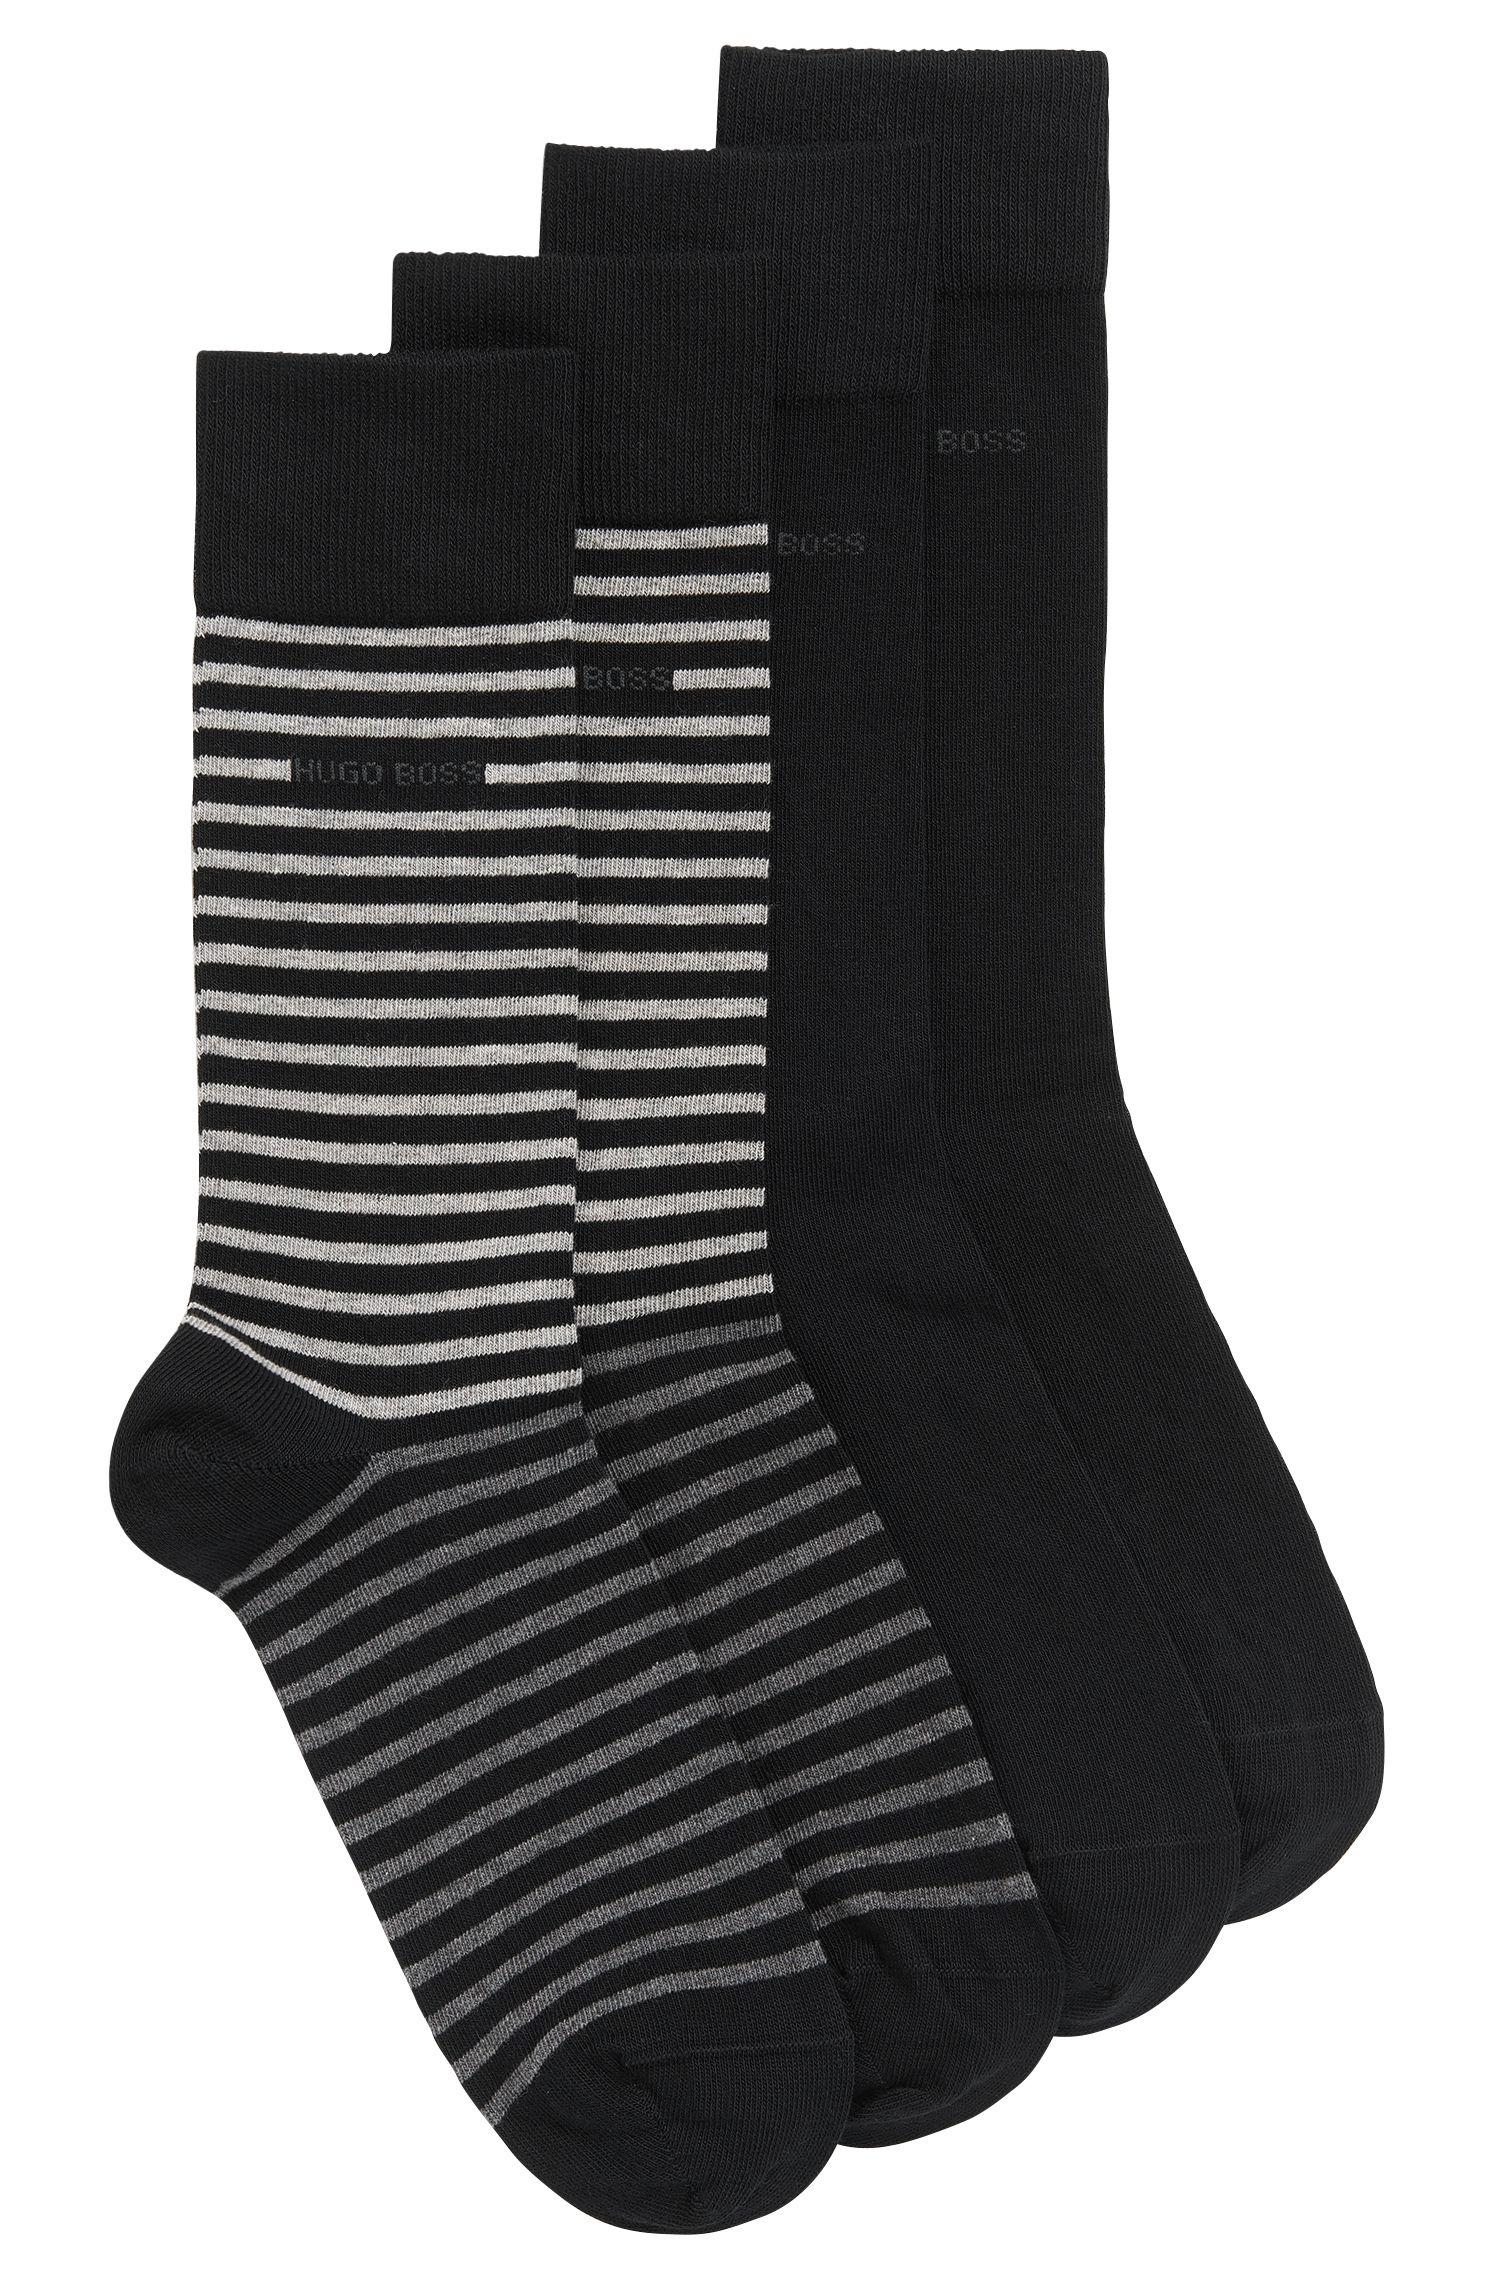 Paquete de dos pares de calcetines ligeros de largo normal en algodón peinado